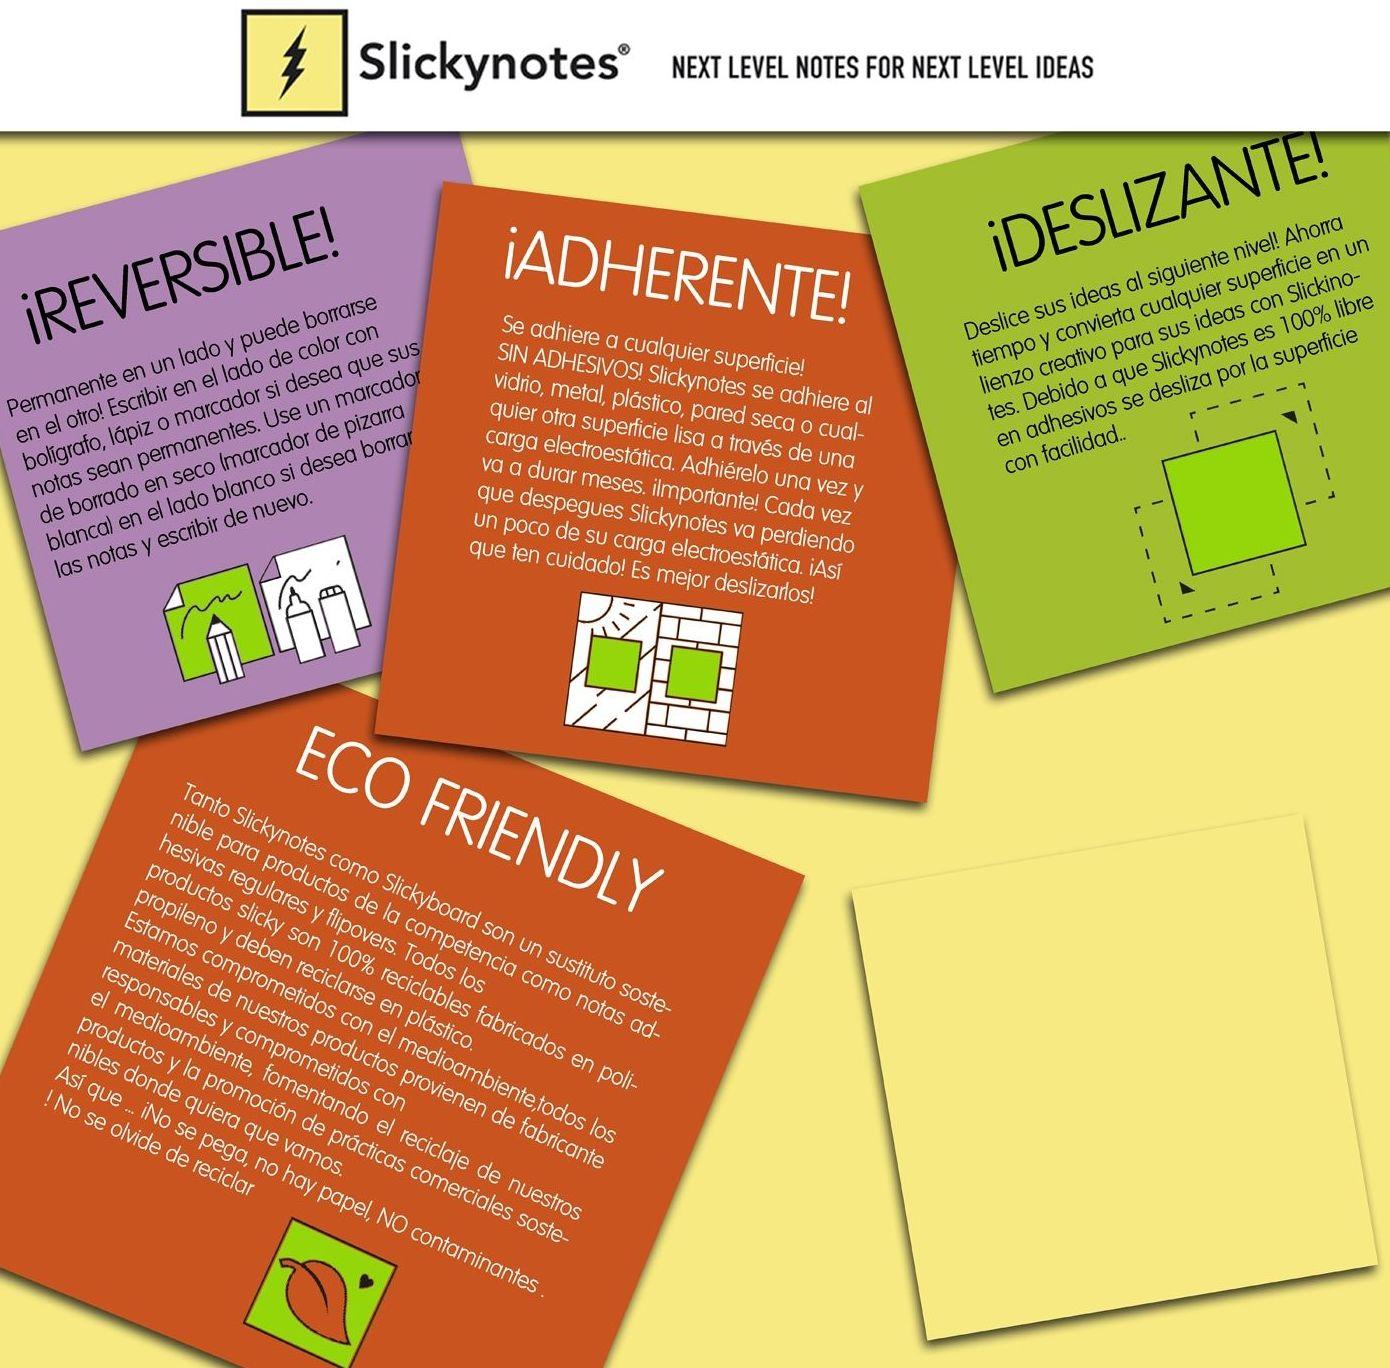 Slickynotes: Productos y Servicios de Rosan